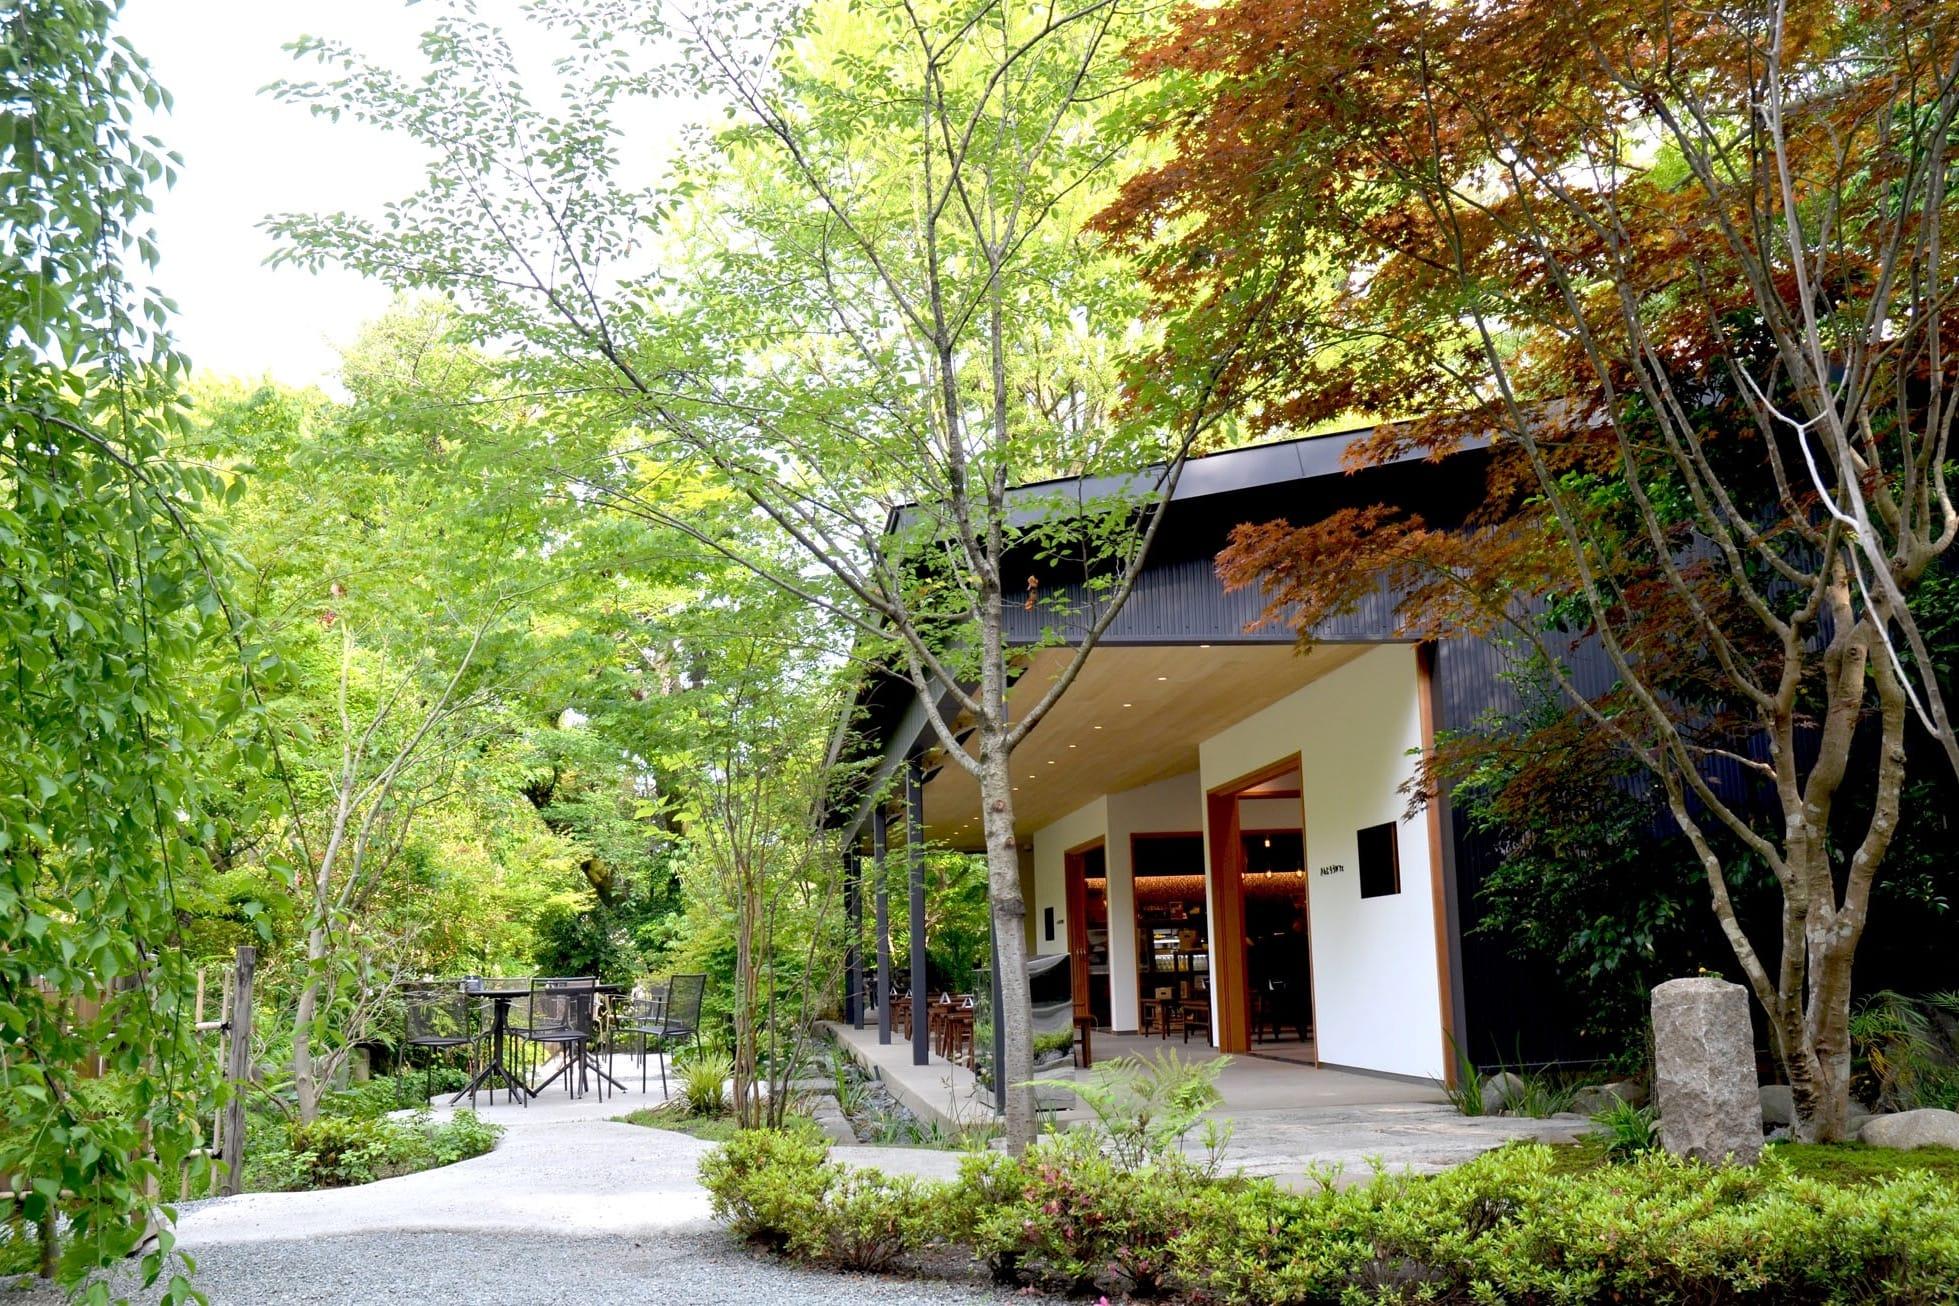 東京近郊神奈川縣內 ! 從樹葉間傾洩而下的柔和陽光與空氣「森林派」必推咖啡廳3選